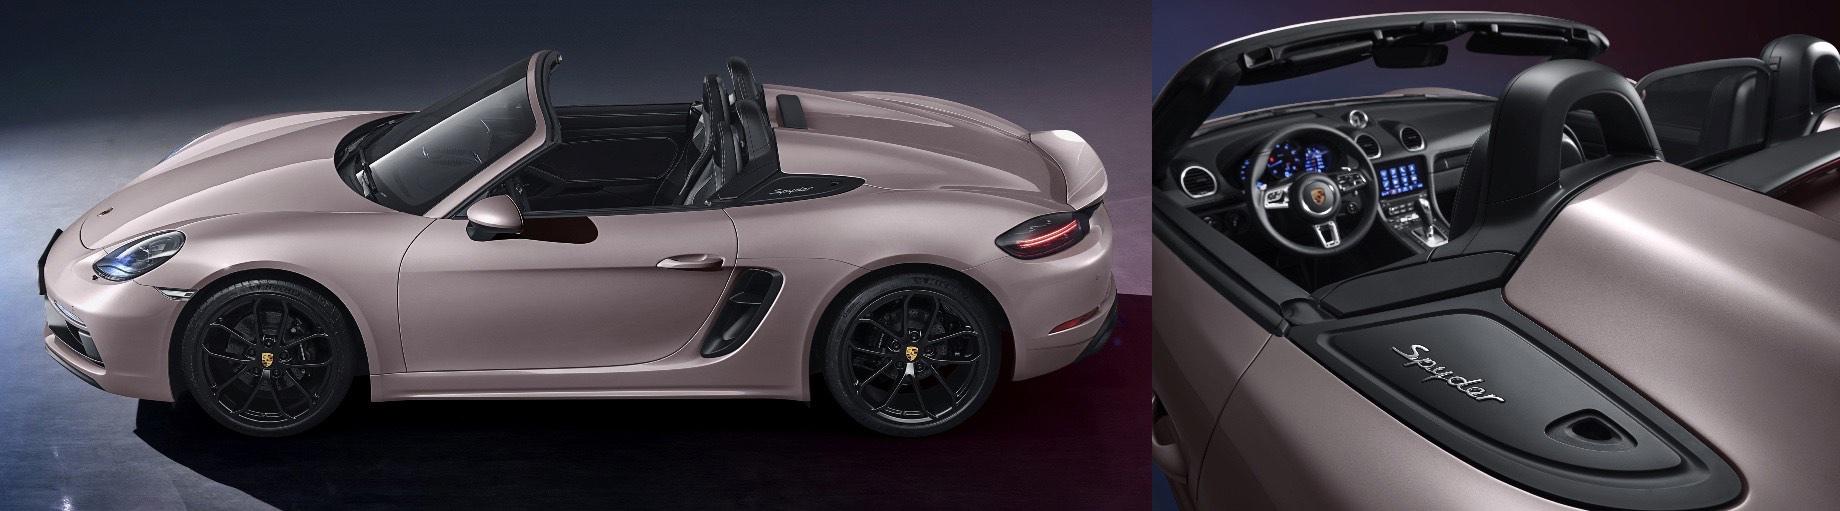 Уникальный Porsche 718 Spyder